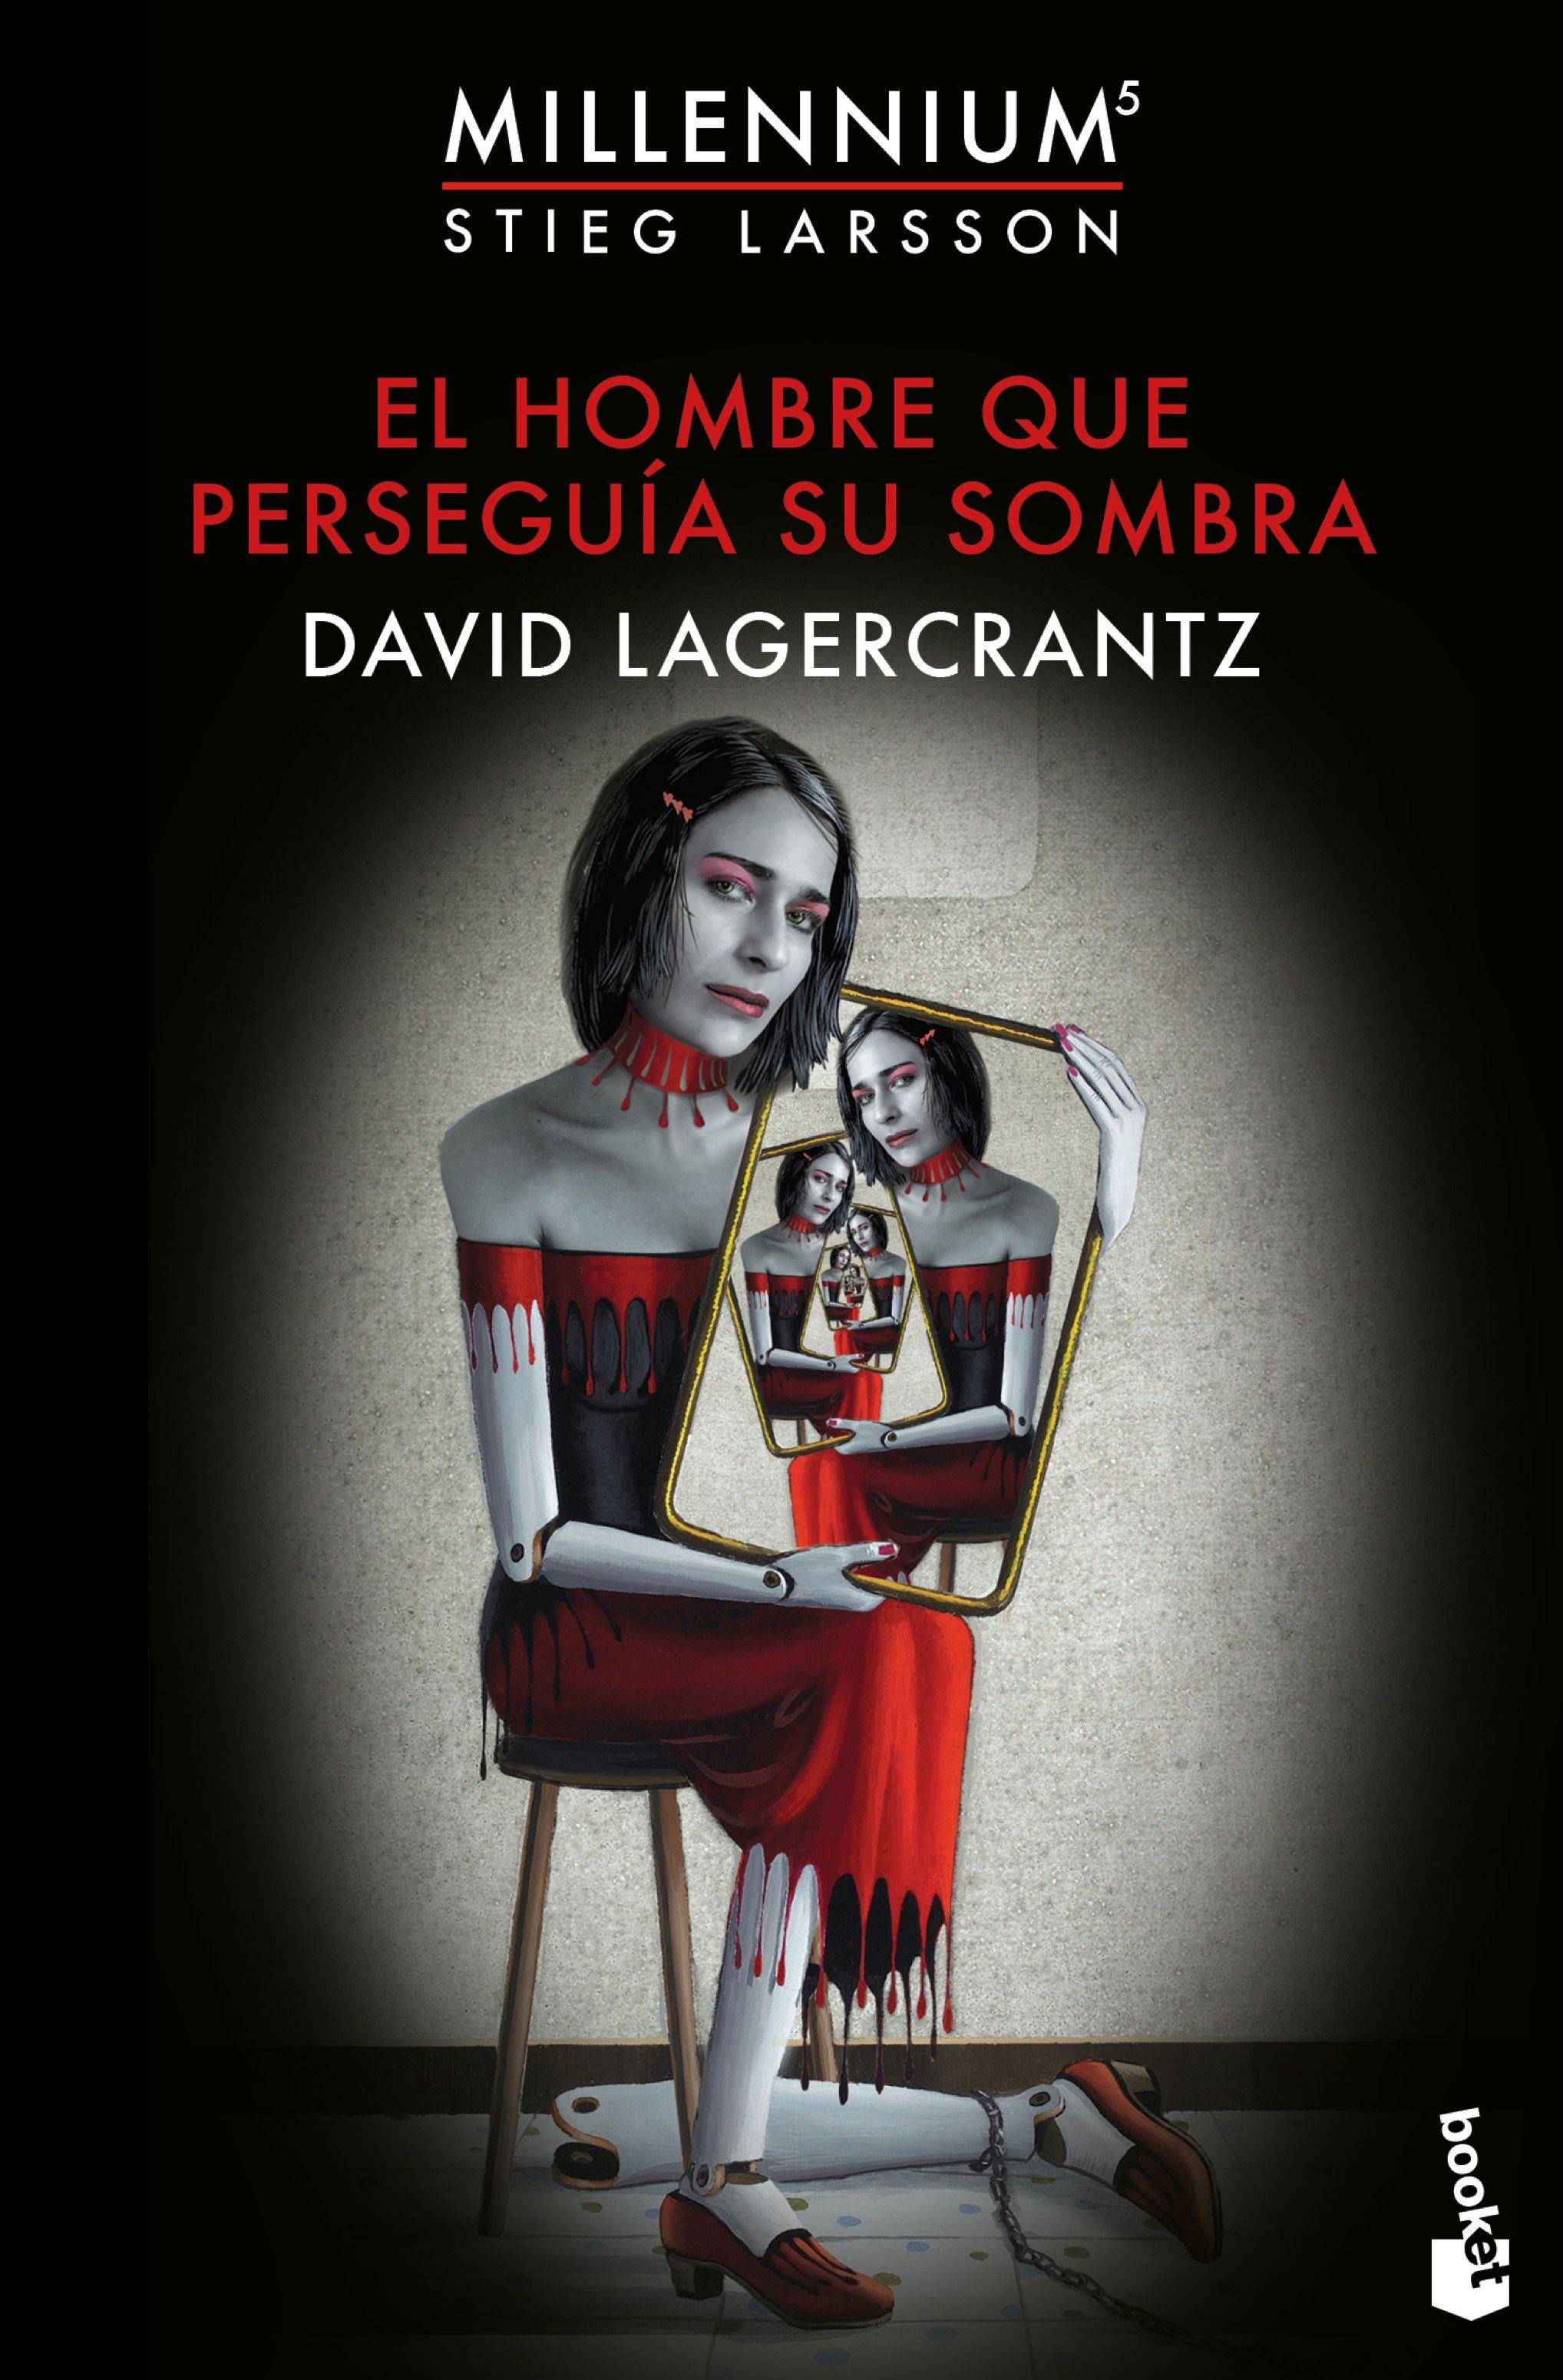 El Hombre Que Perseguia Su Sombra por David Lagercrantz